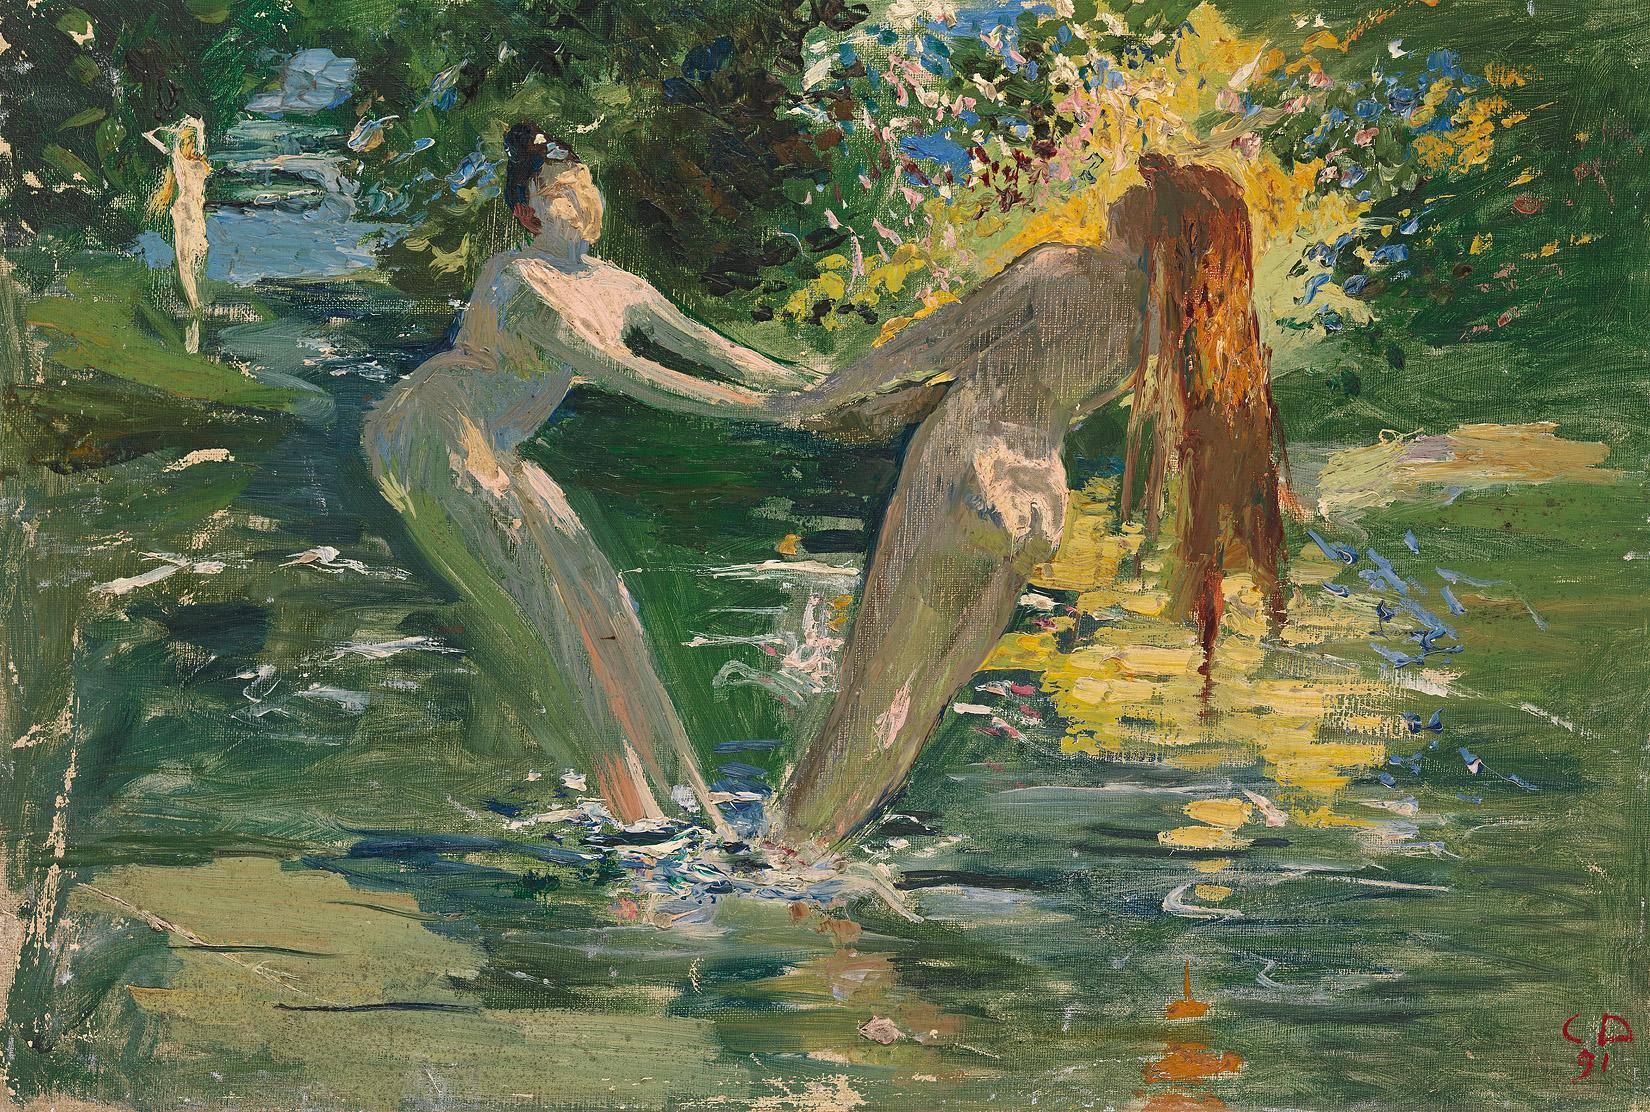 Cuno Amiet, Tanz im Bad, 1891